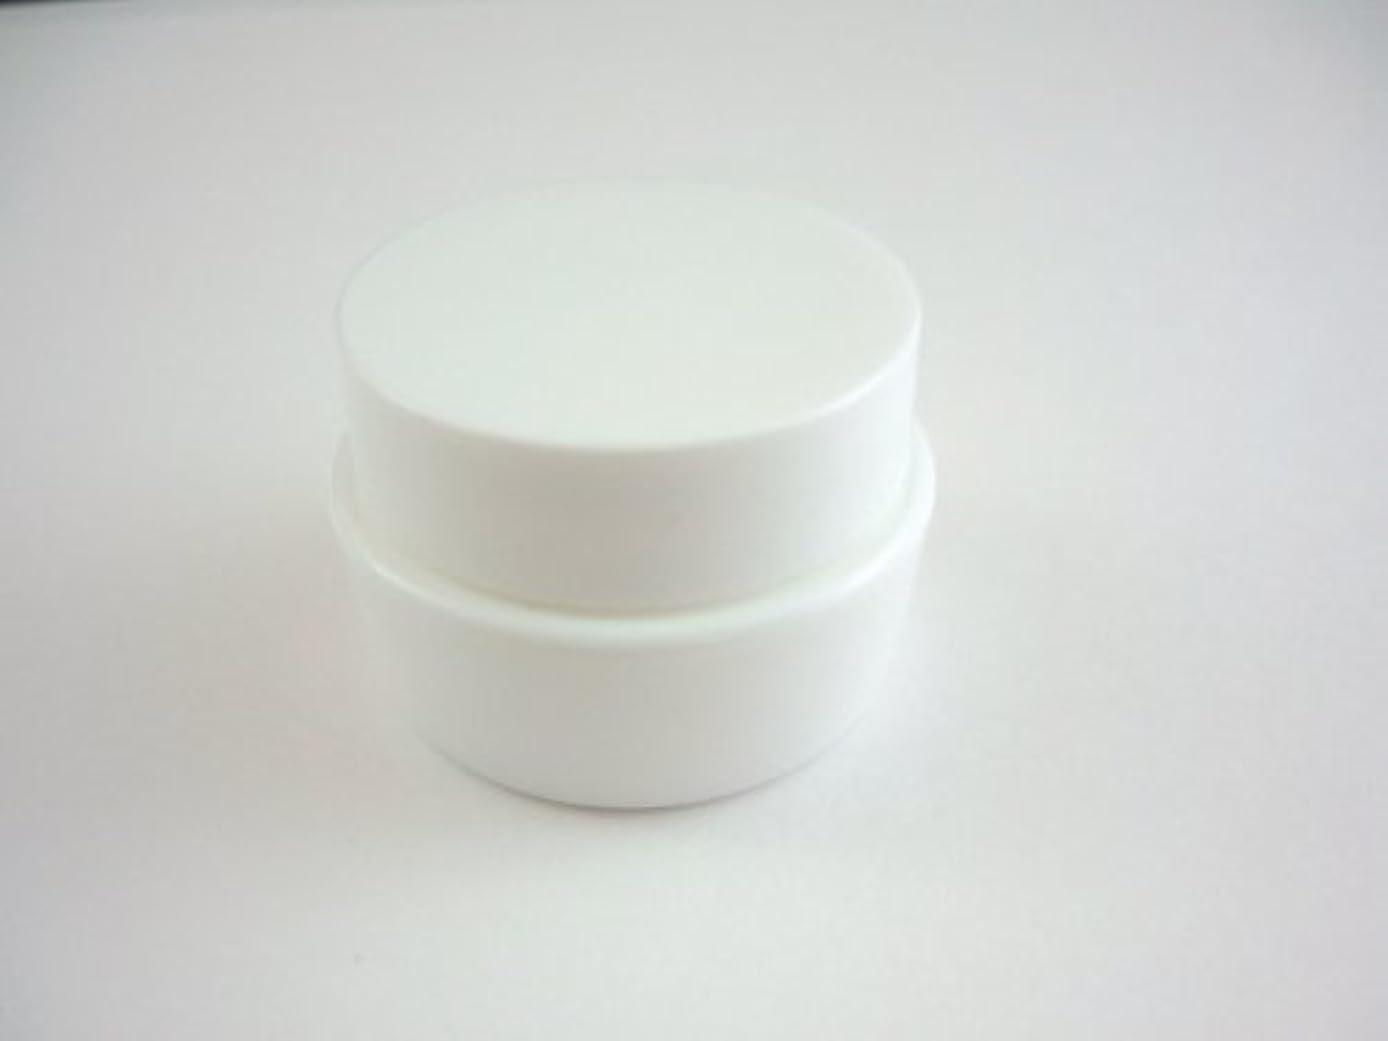 略奪完璧なコンチネンタルジェル空容器 3ml   ホワイト